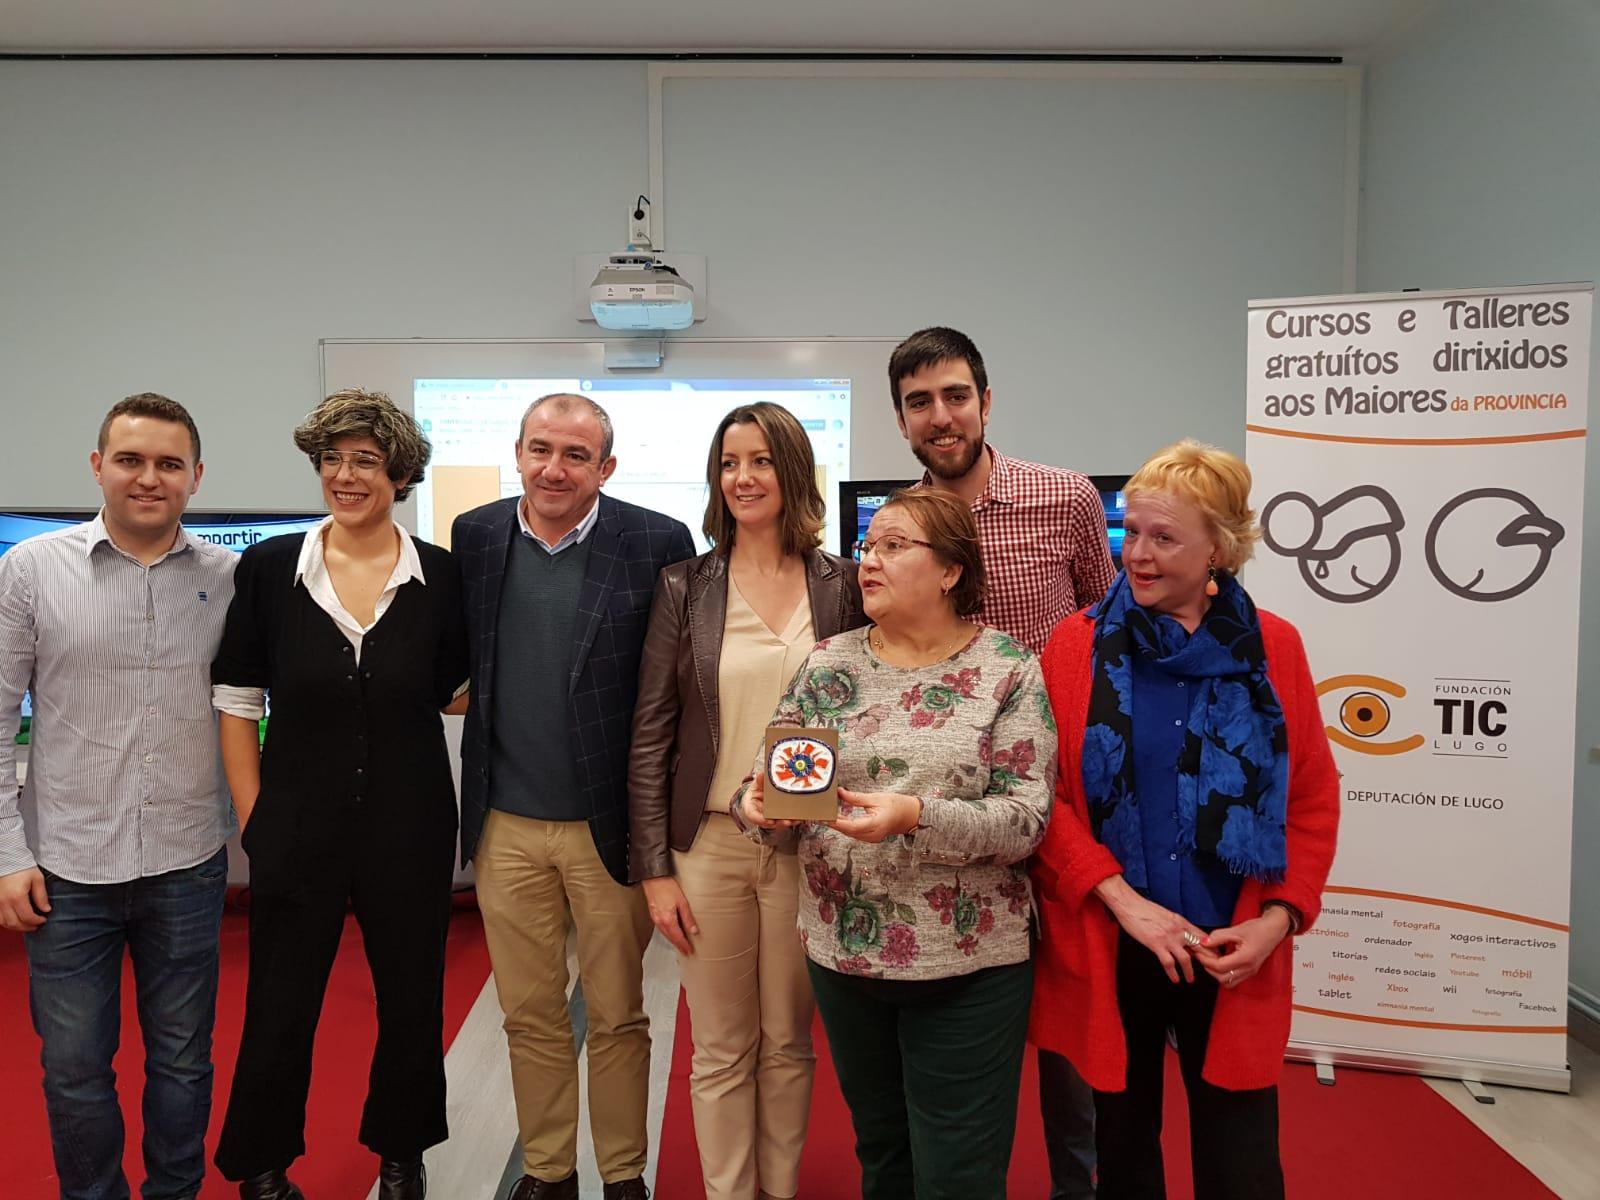 Campos Conde comprométese cos maiores da provincia a seguir cos cursos de novas tecnoloxías no Servizo de Audiovisuais